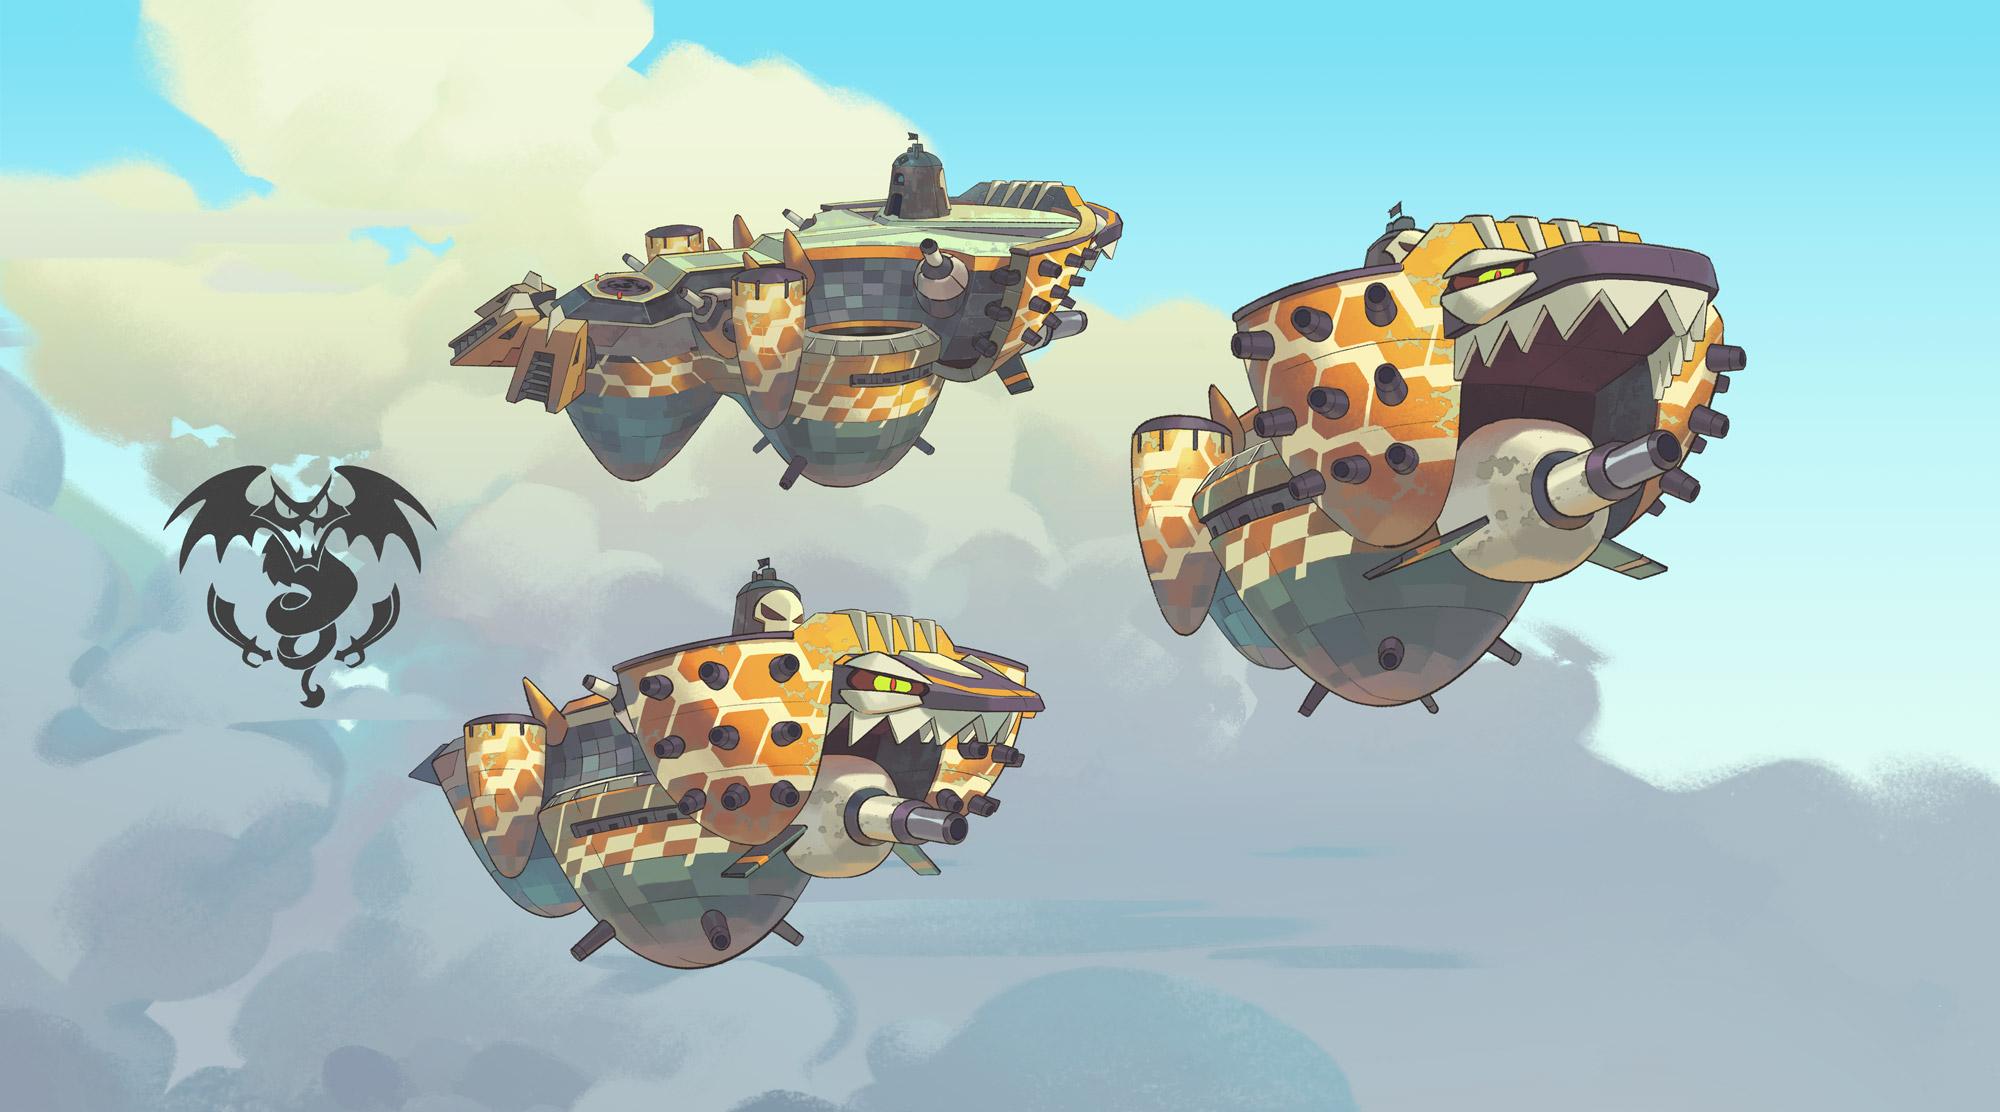 Sky Pirates' Airship